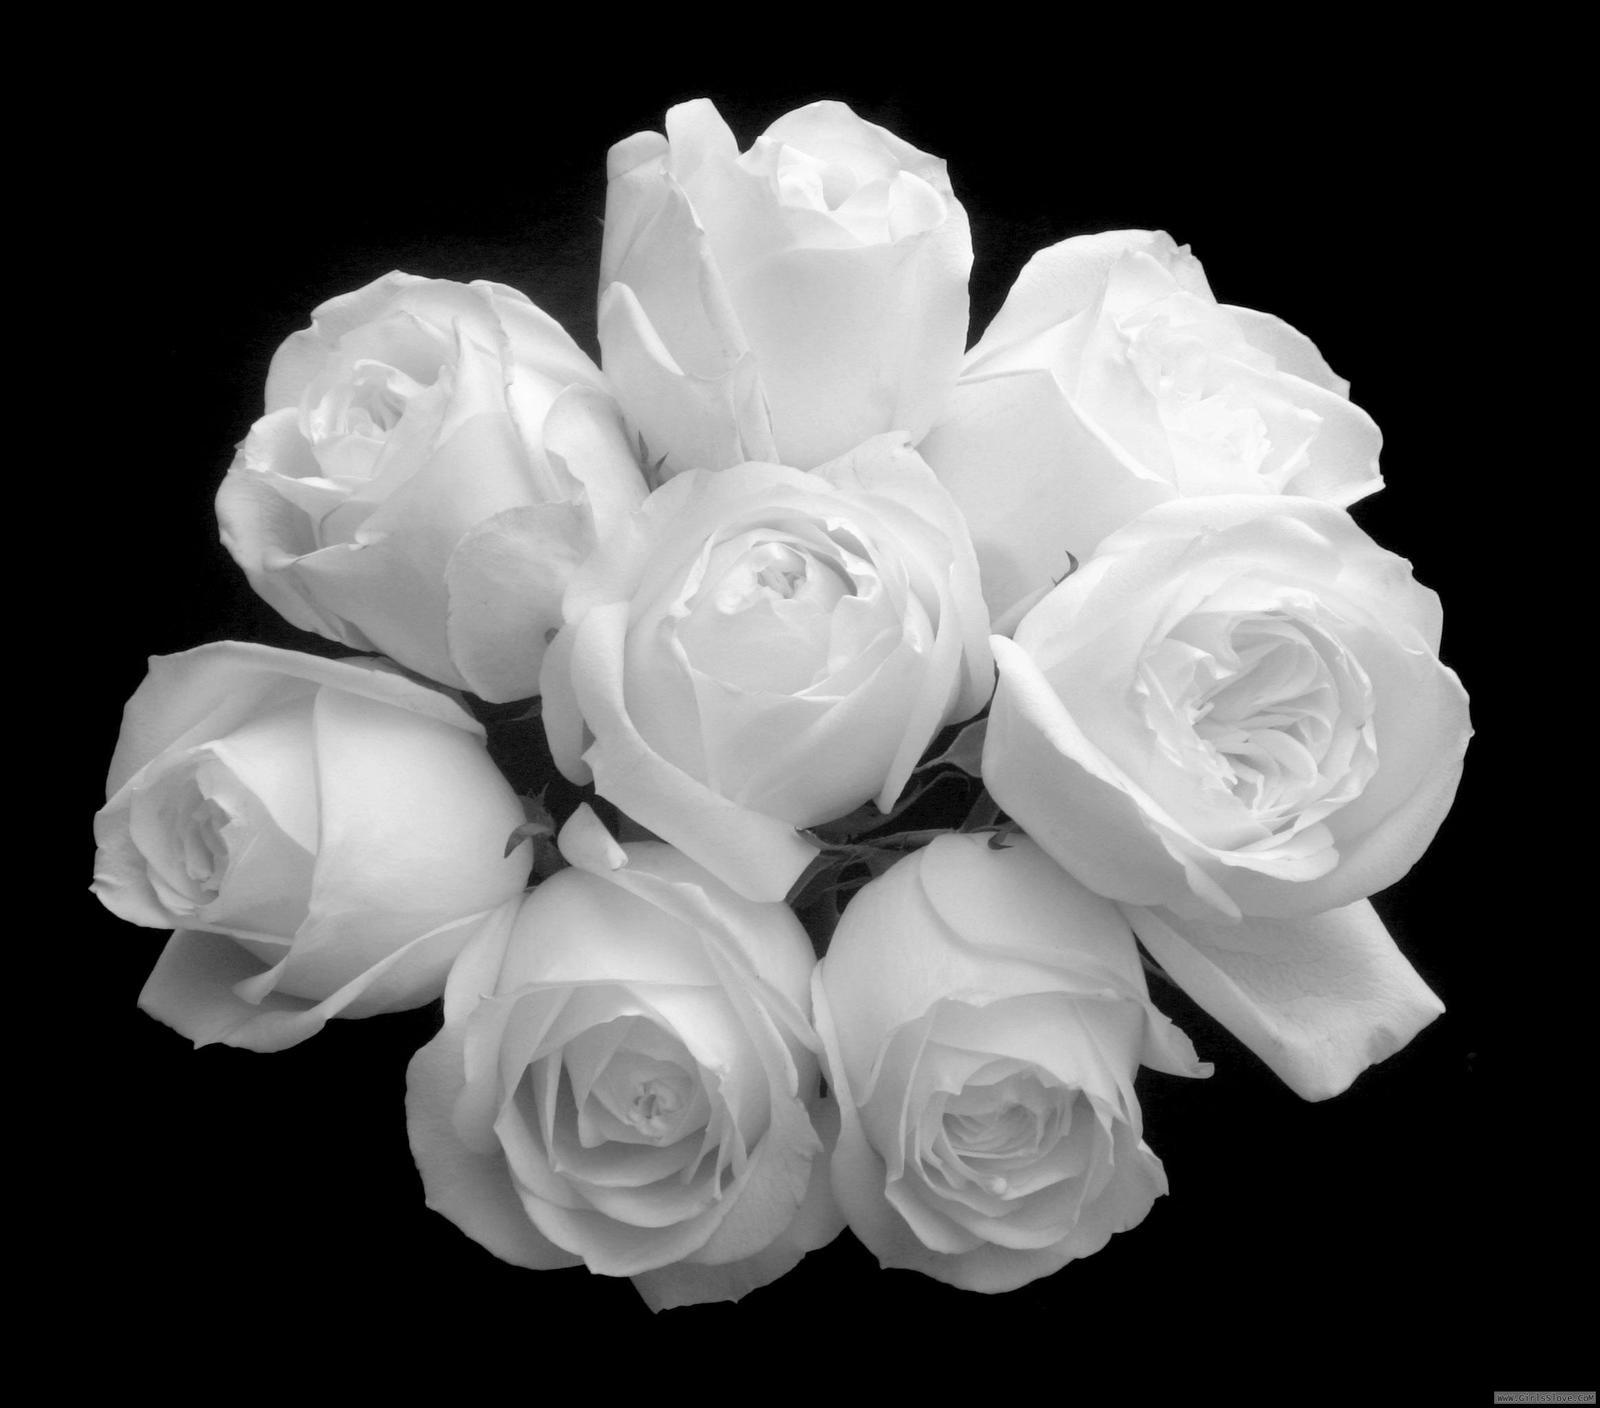 بالصور بوكيه ورد ابيض , الورد الابيض هو النقاء 1917 4